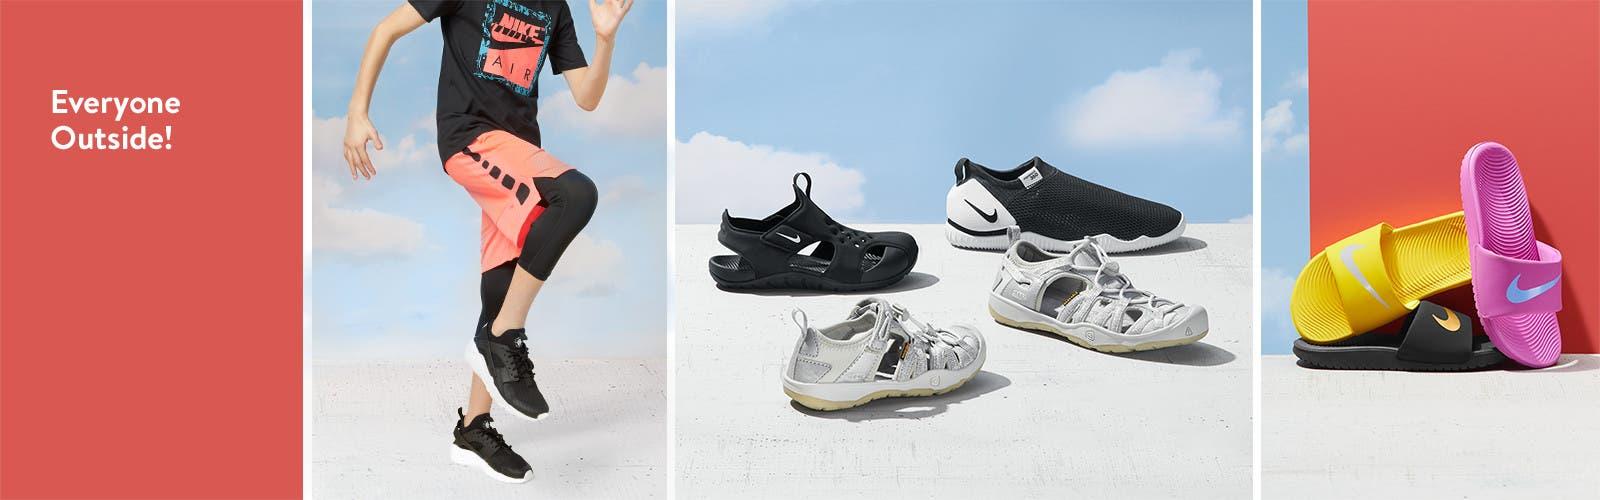 Everyone outside: boys' shoes.